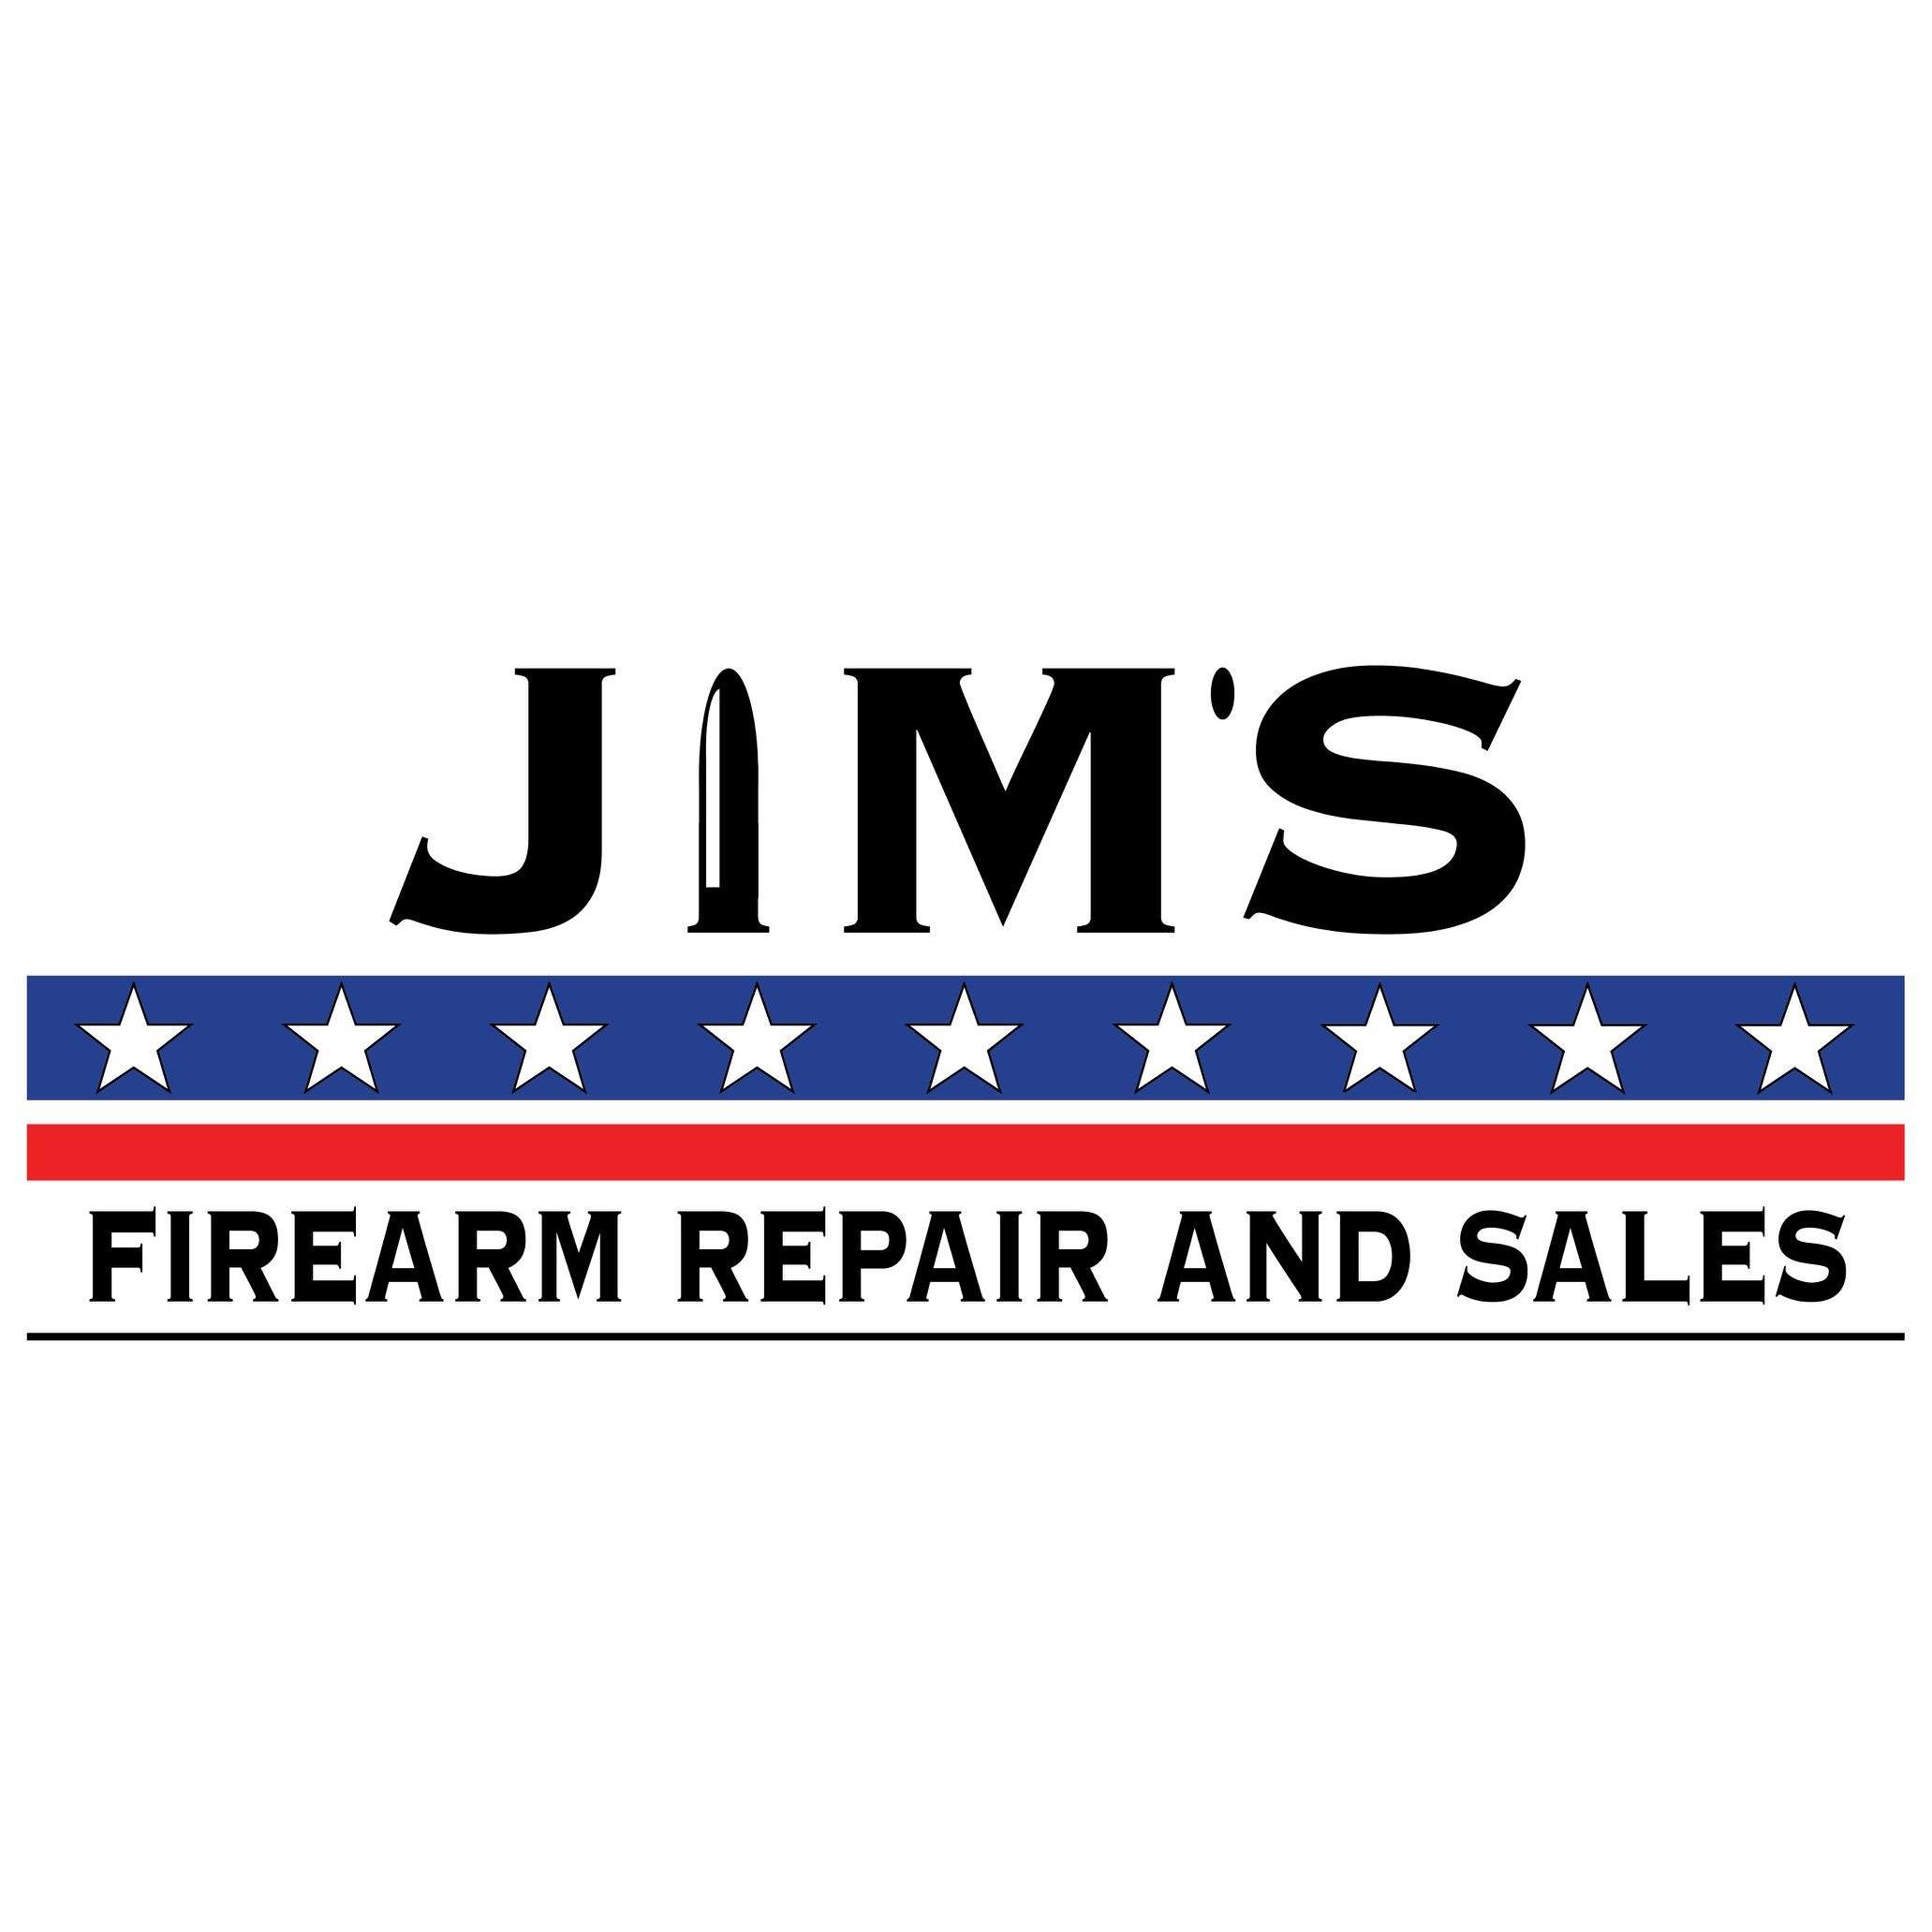 Jim's Firearm Repair & Sales image 5